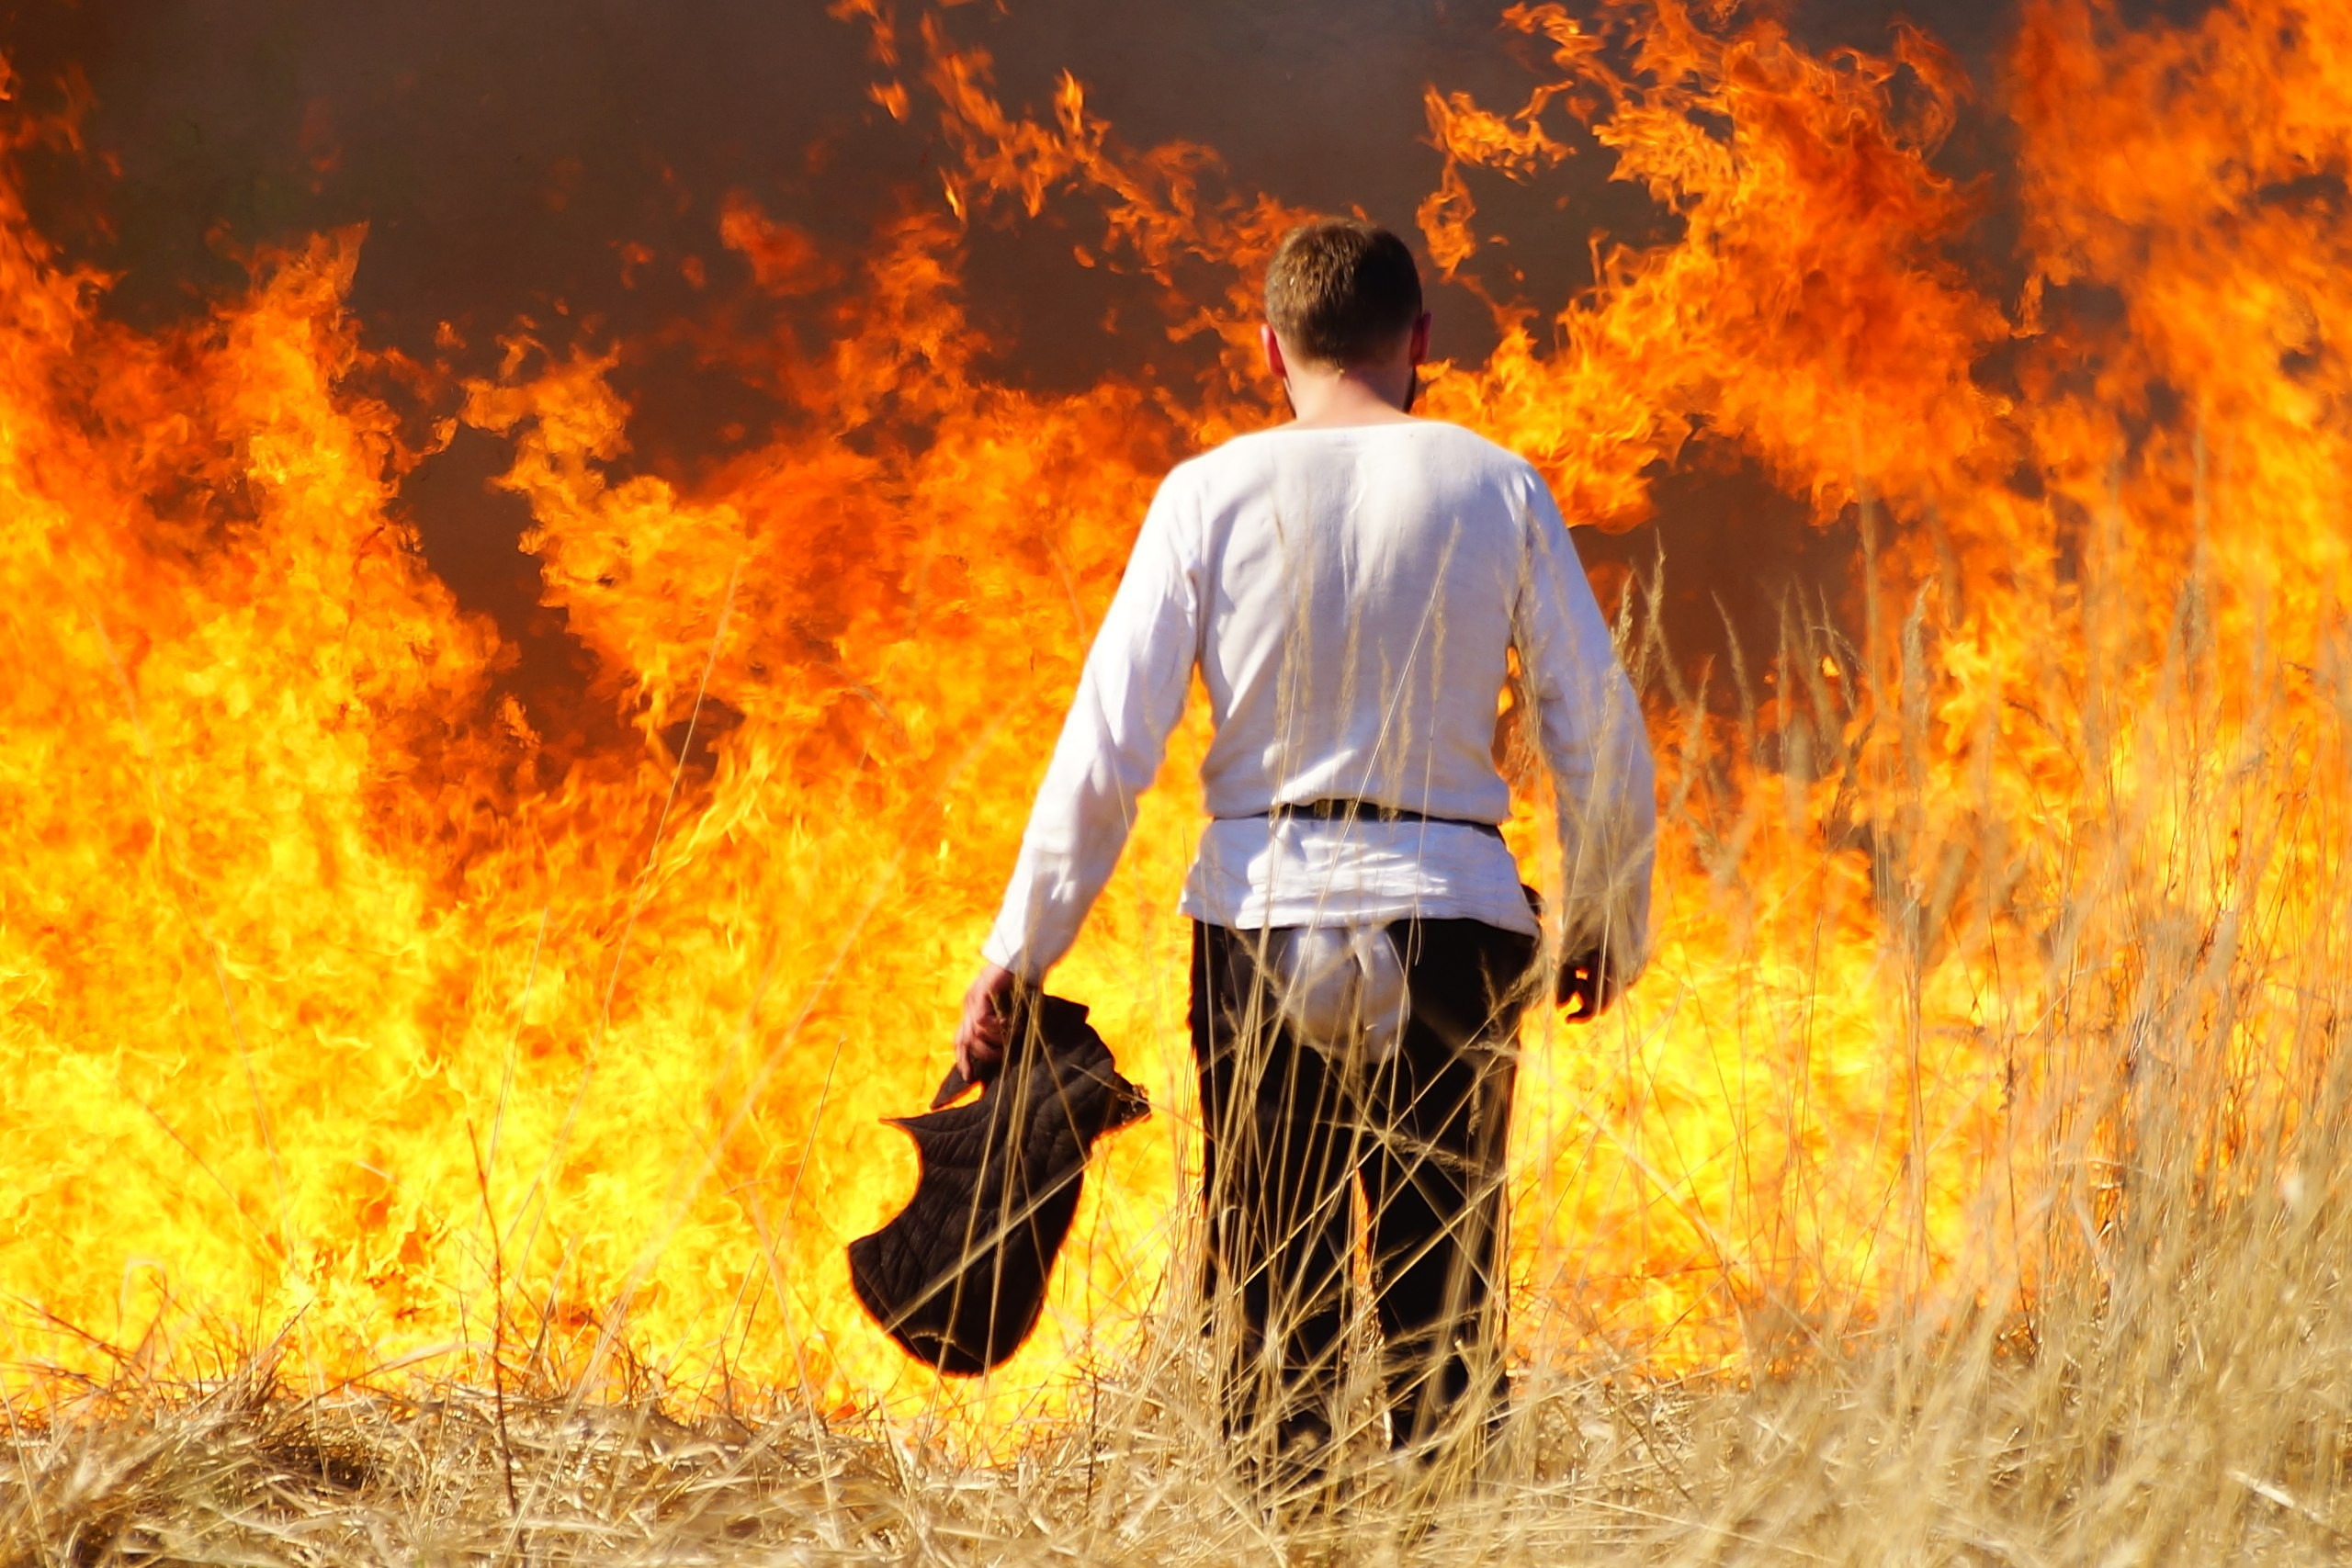 Сонник тушить пожар во сне к чему снится тушить пожар